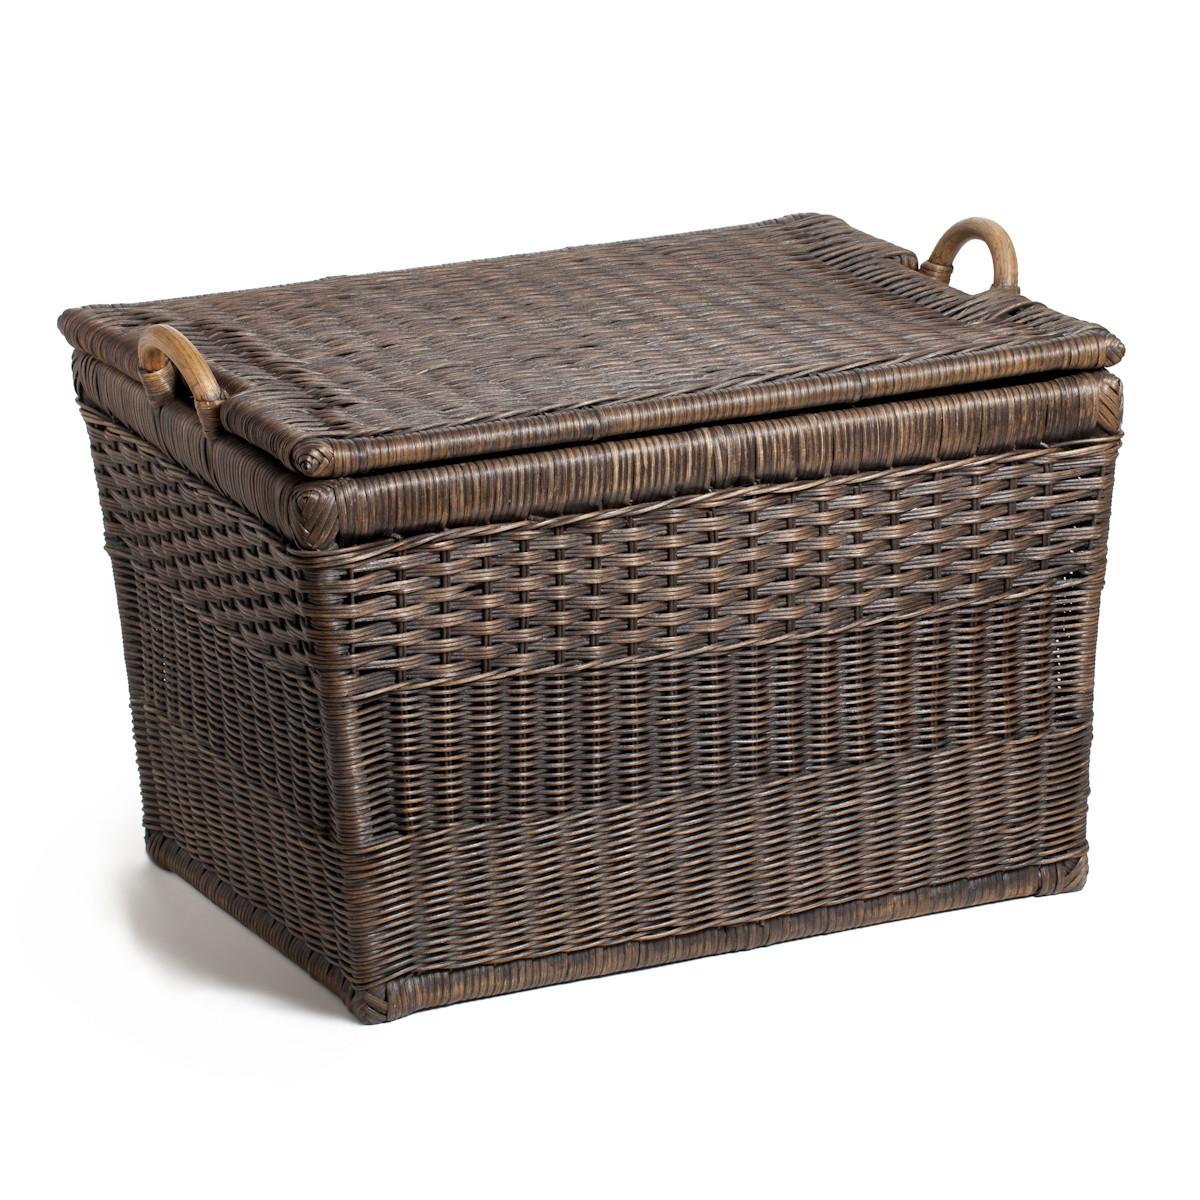 Trending ... The Basket Lady Lift-off Lid Wicker Storage Basket ... wicker storage baskets